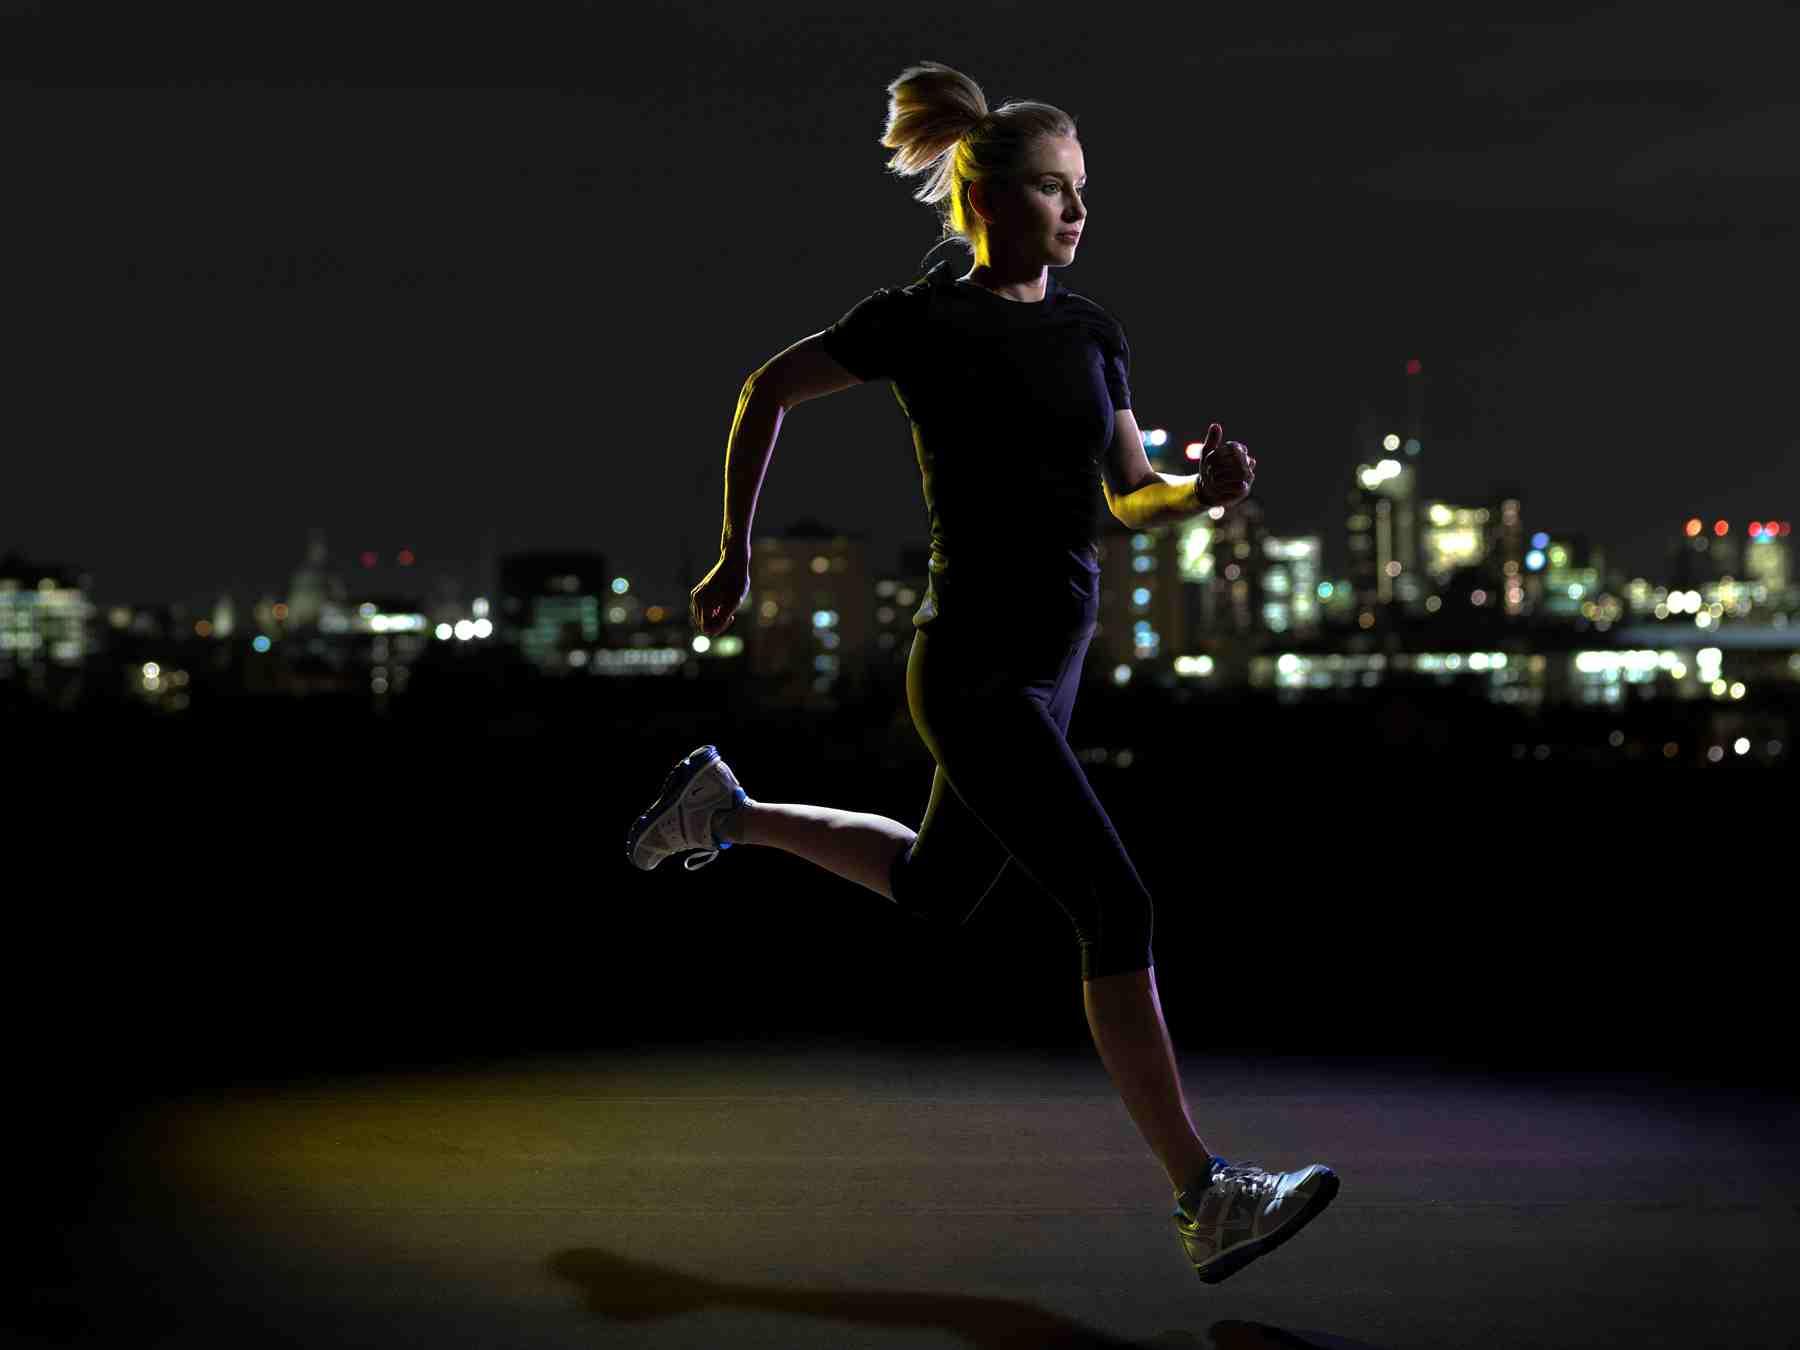 Olahraga di Malam Hari Boleh Kok, Tapi Ada Syaratnya